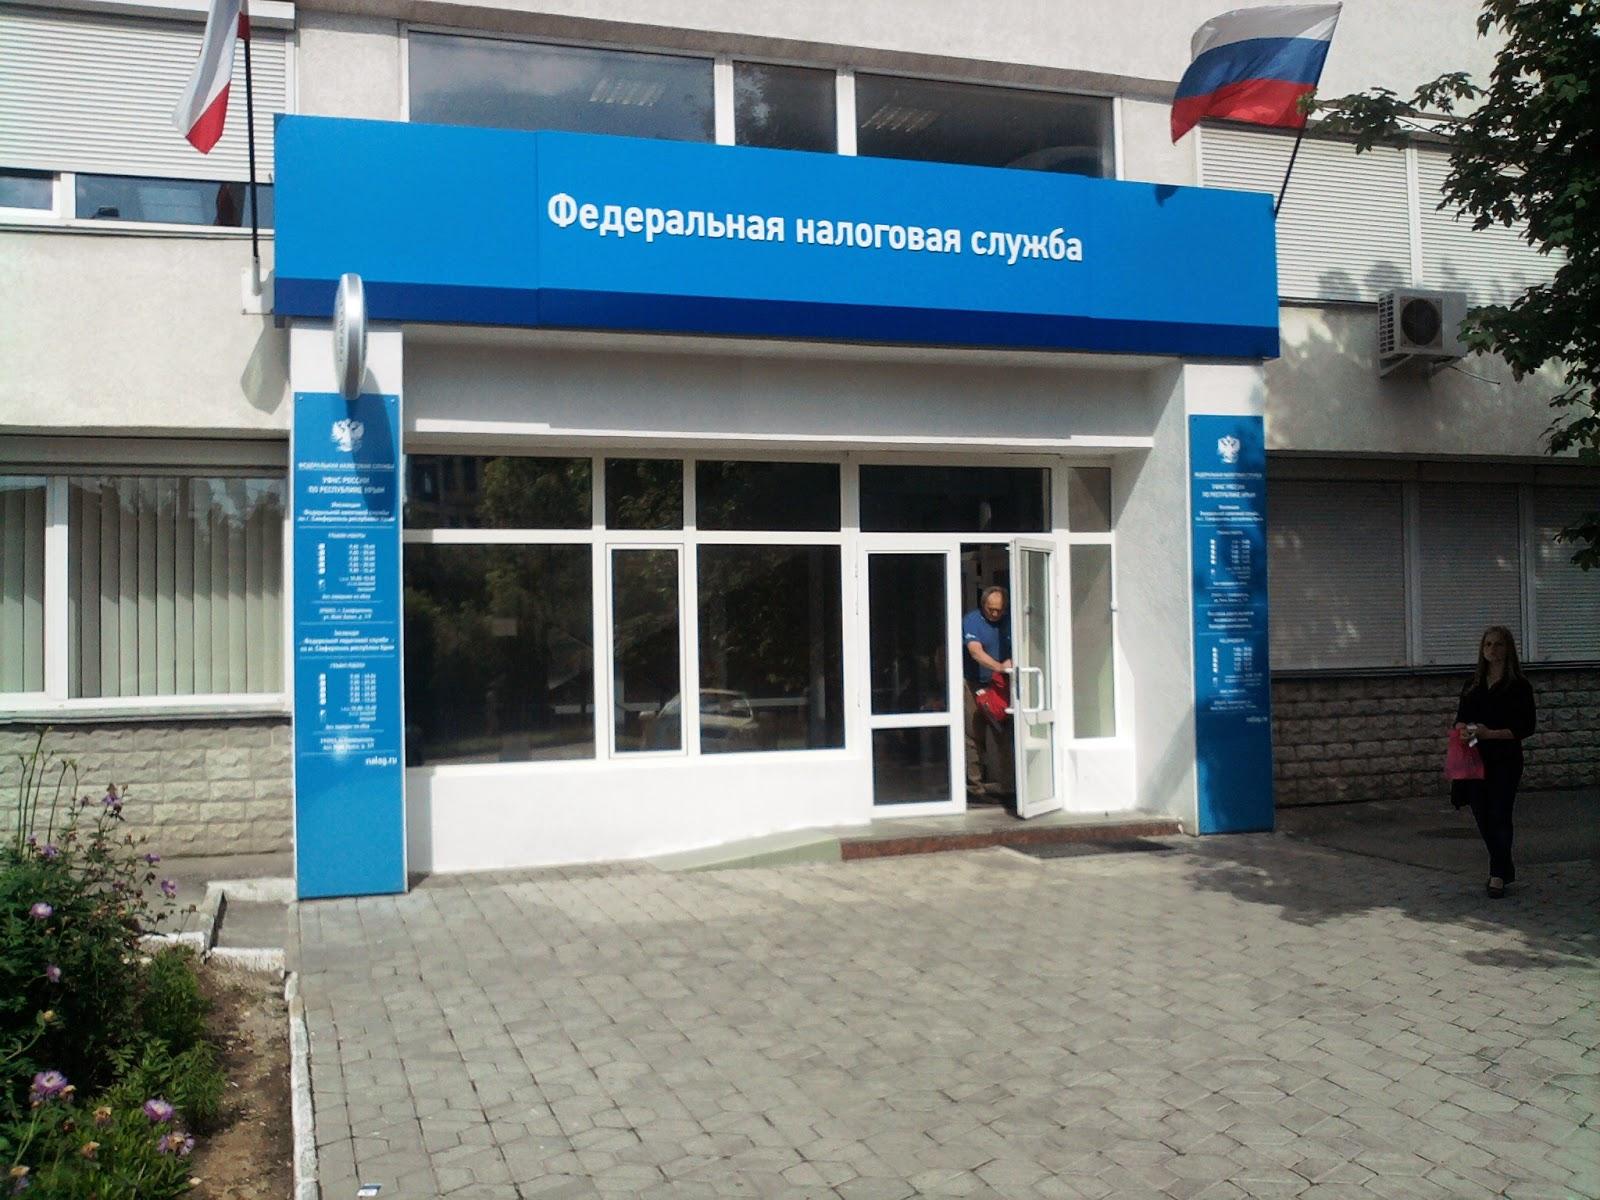 Федеральная налоговая служба Симферополь